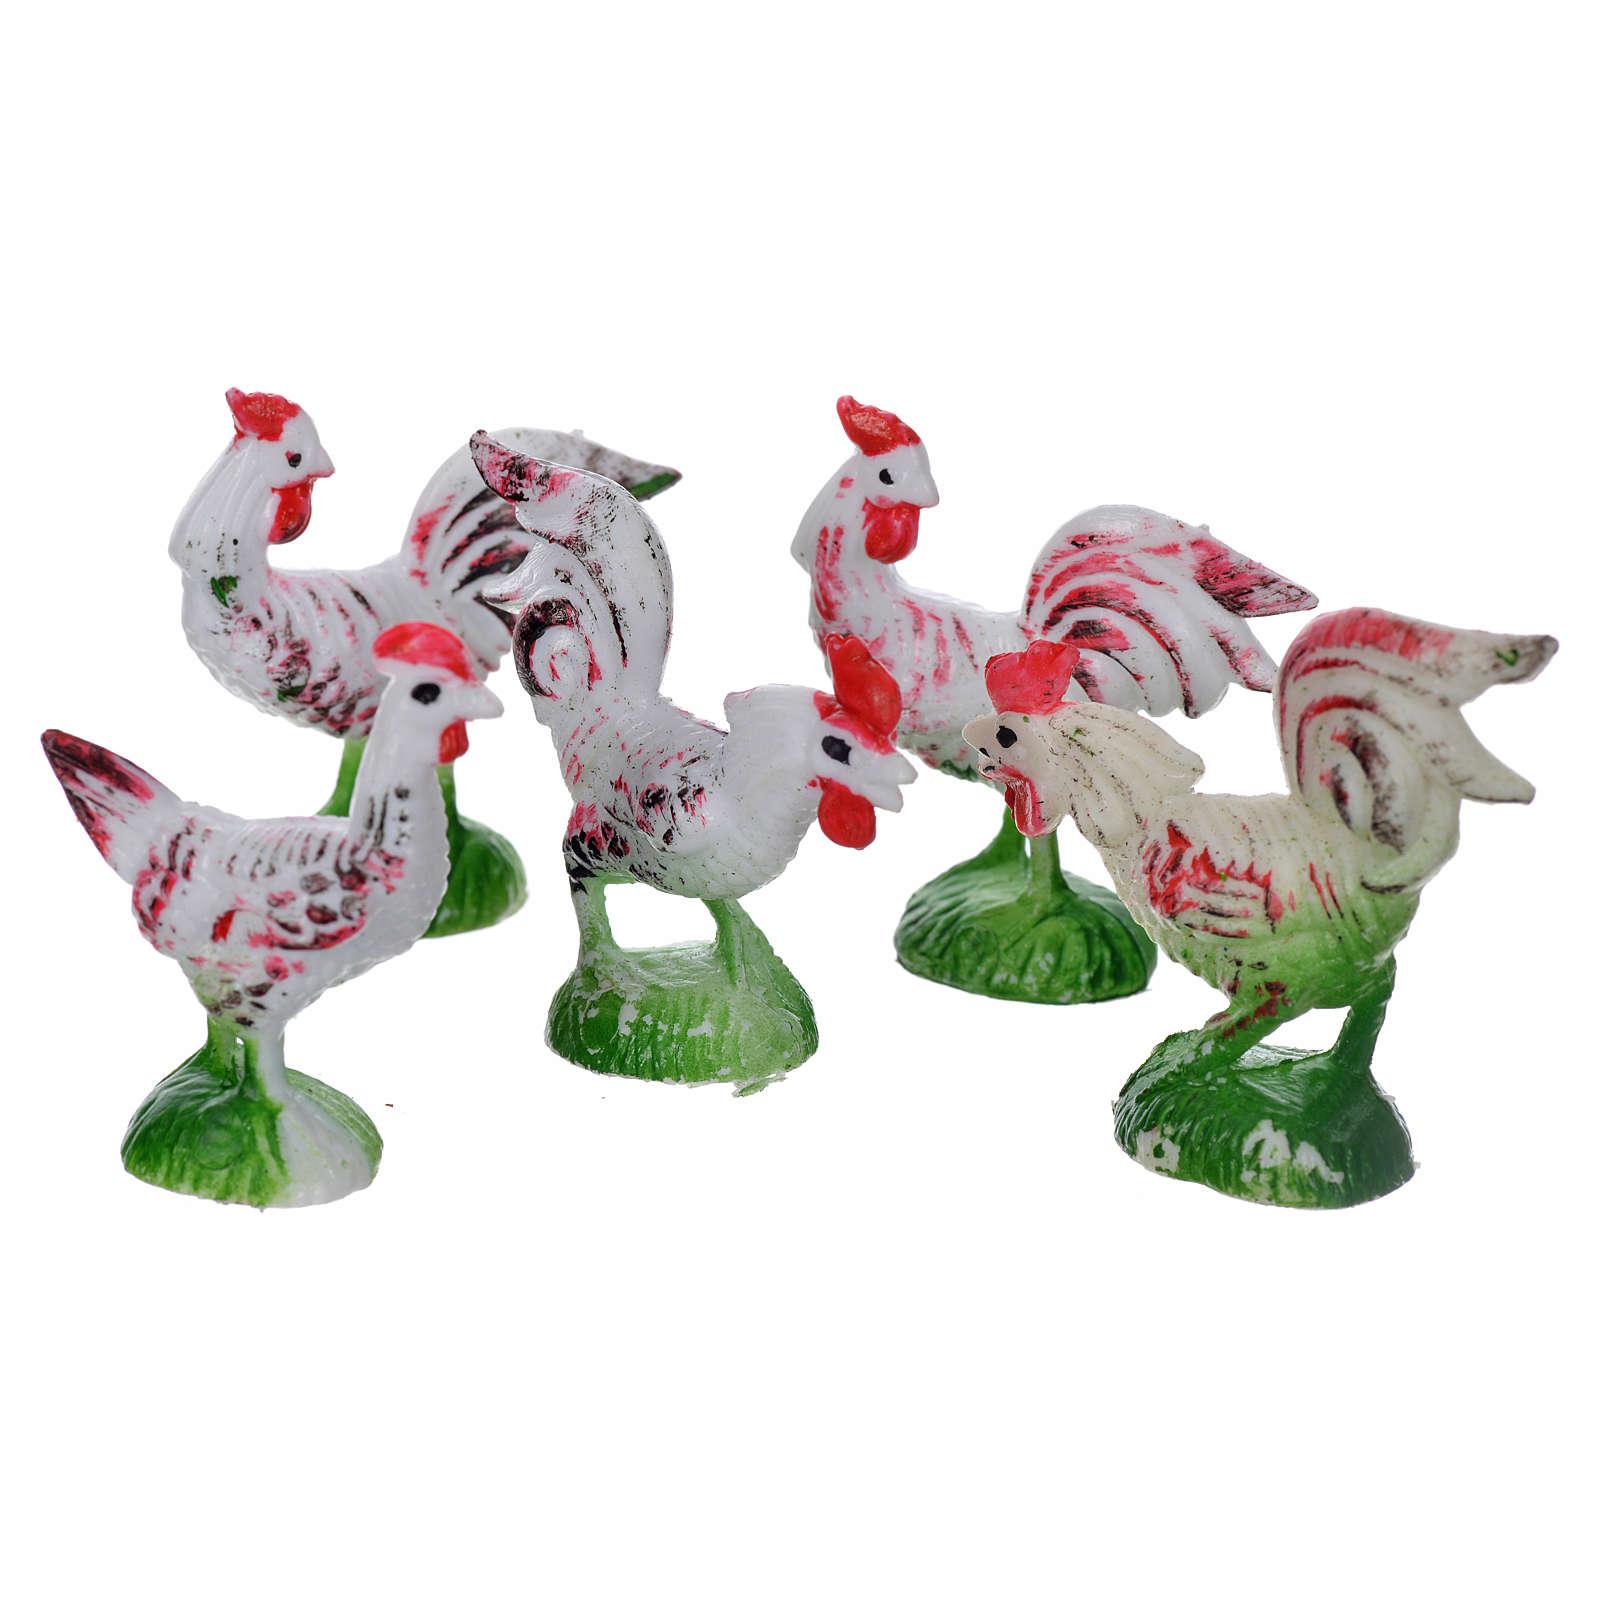 Coqs et poules 5 pcs 3